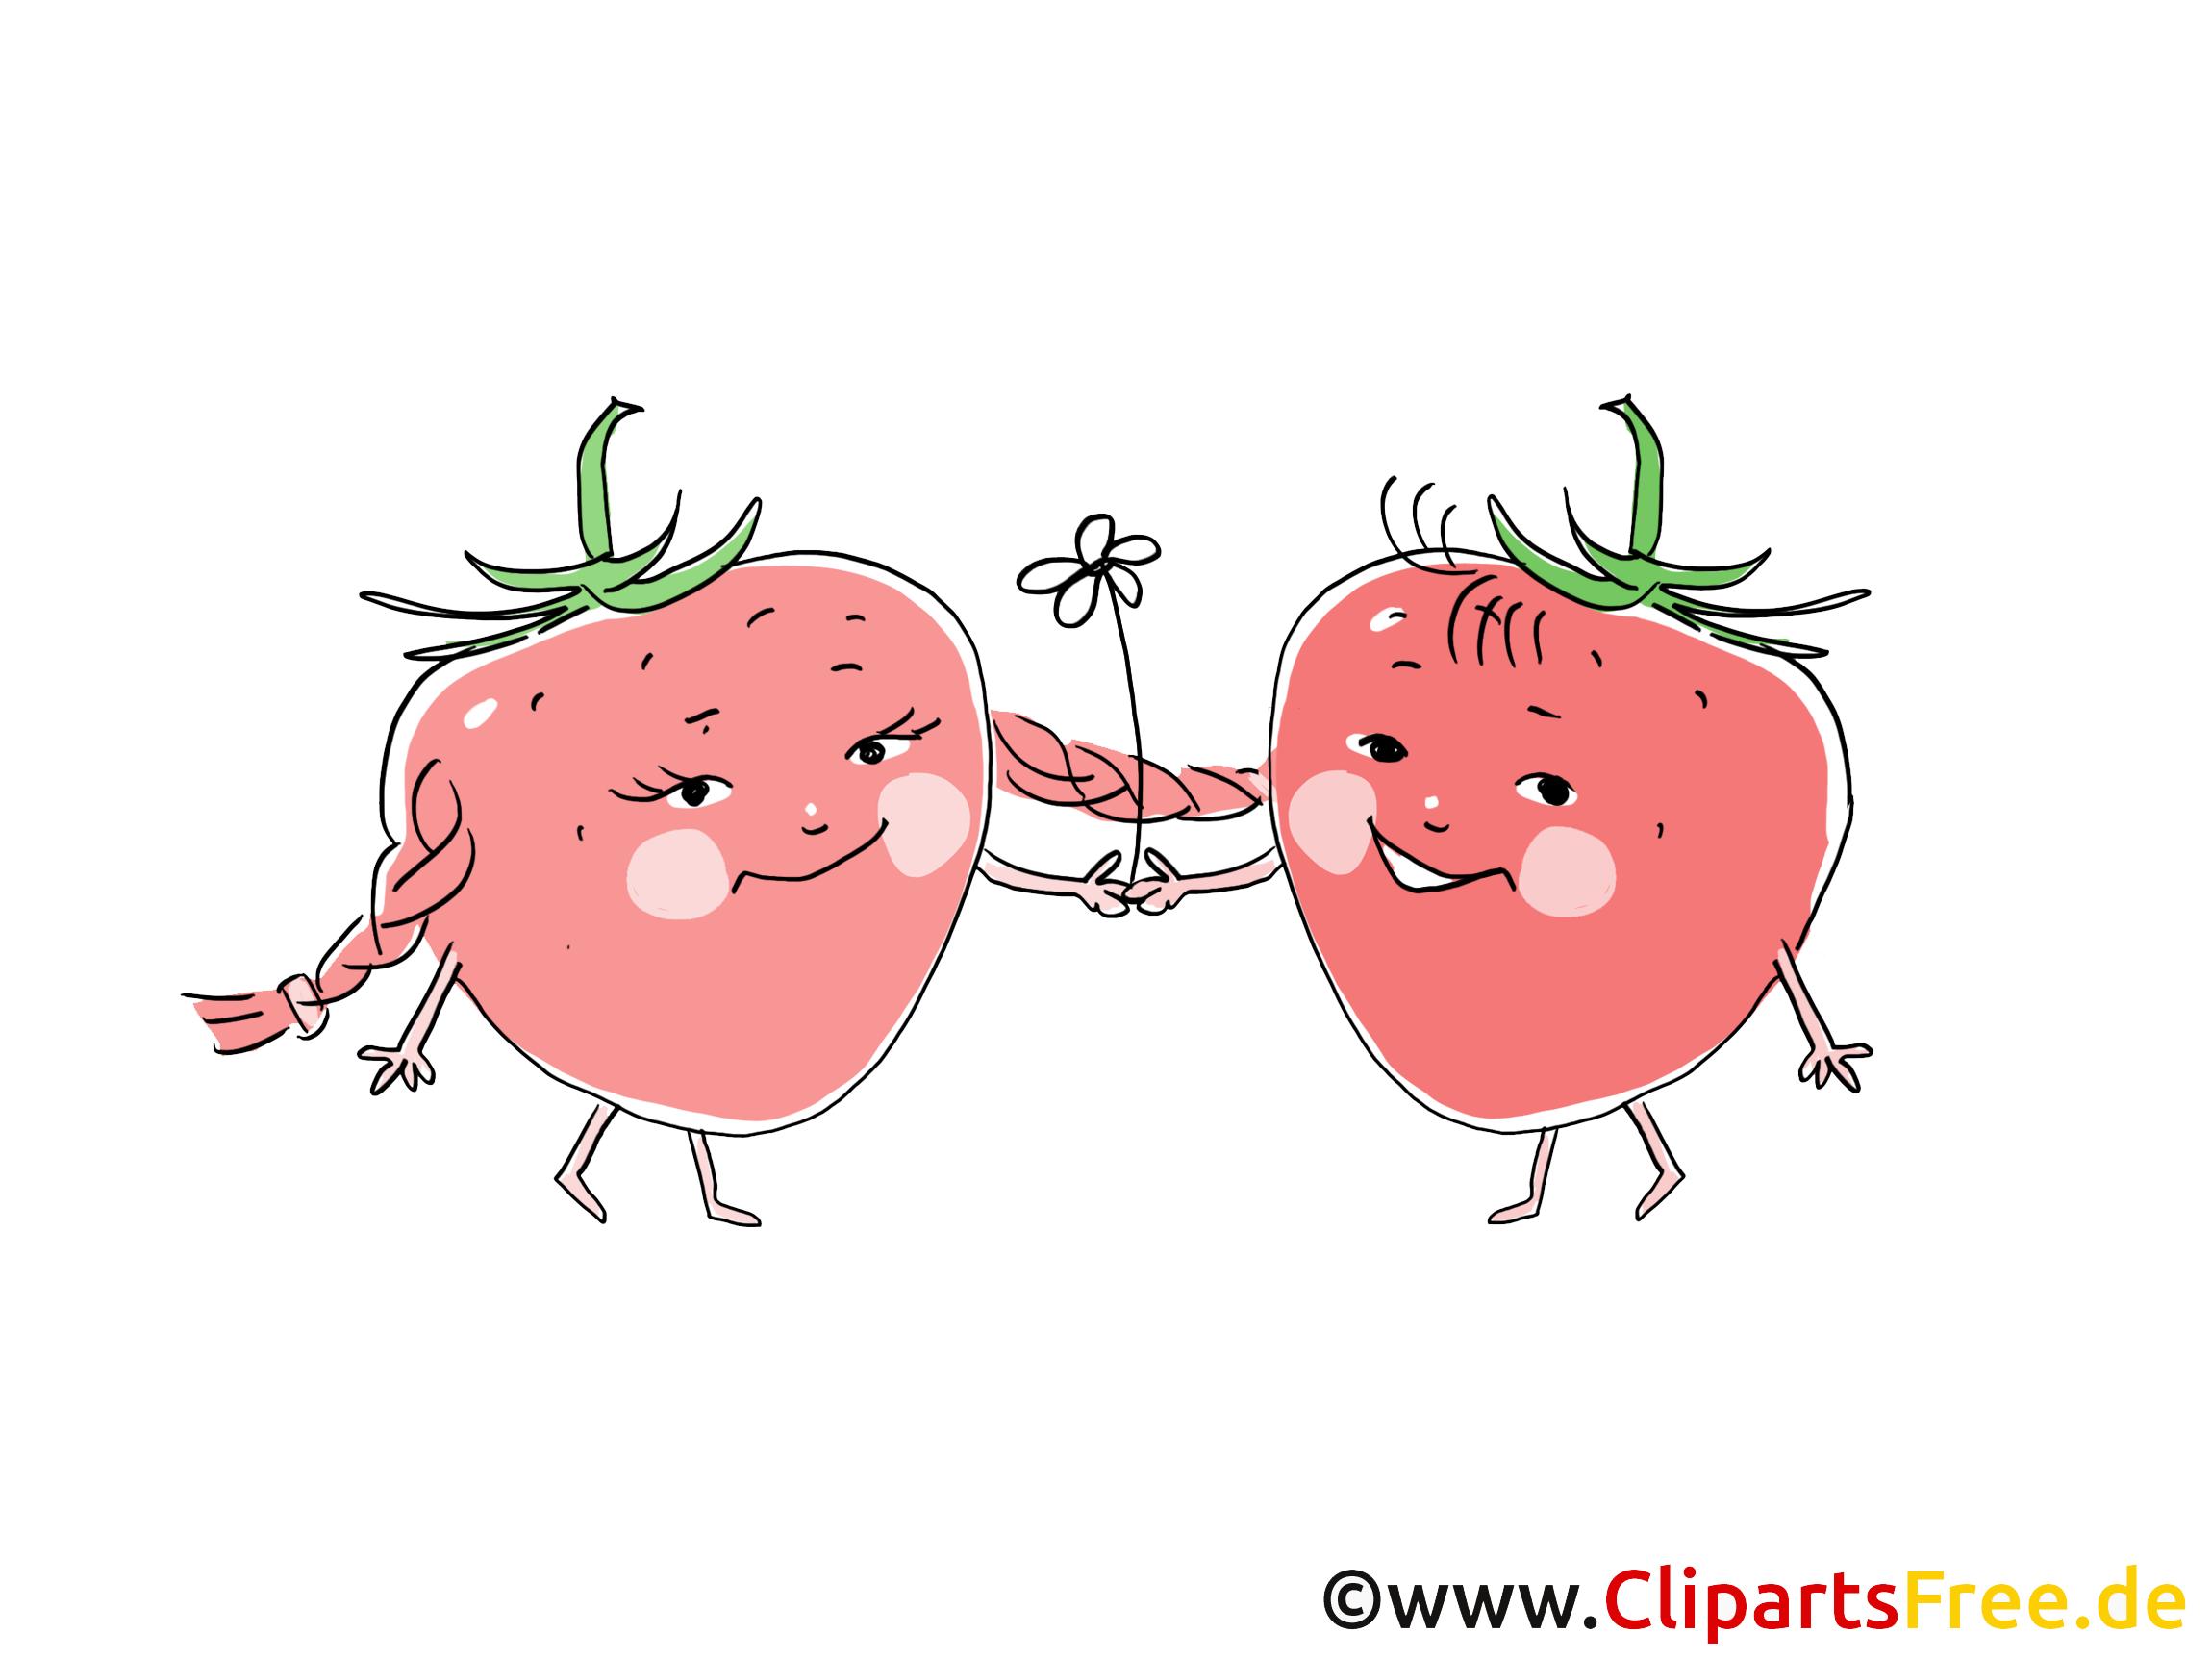 Fraises cliparts gratuis - Fruits images